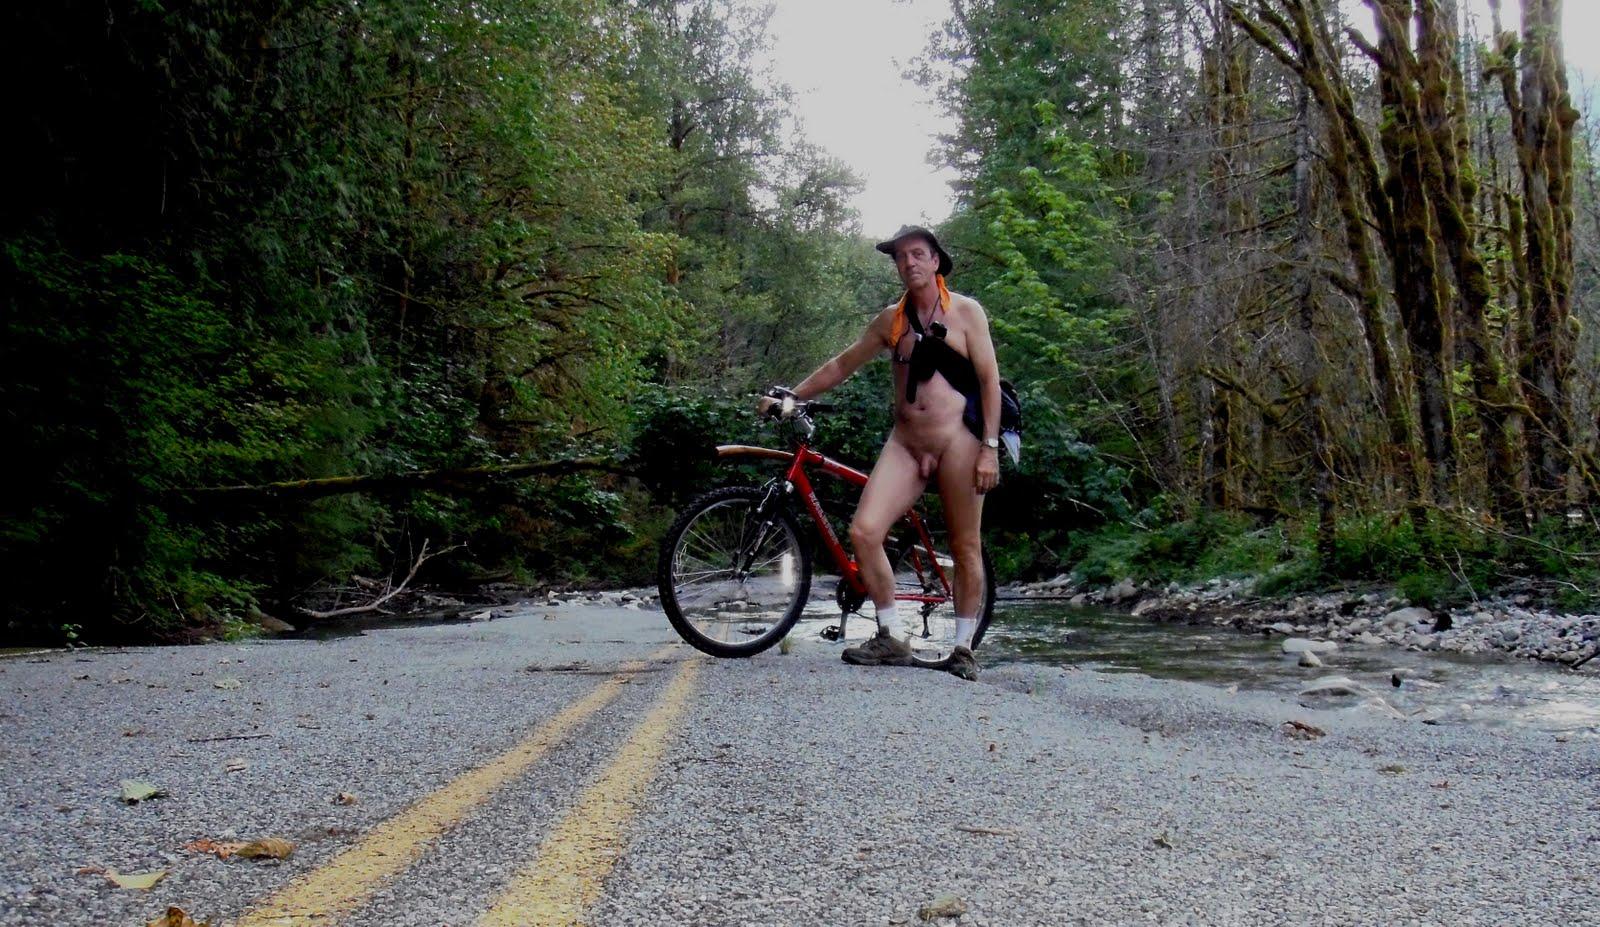 Nude Mountain Biking 118